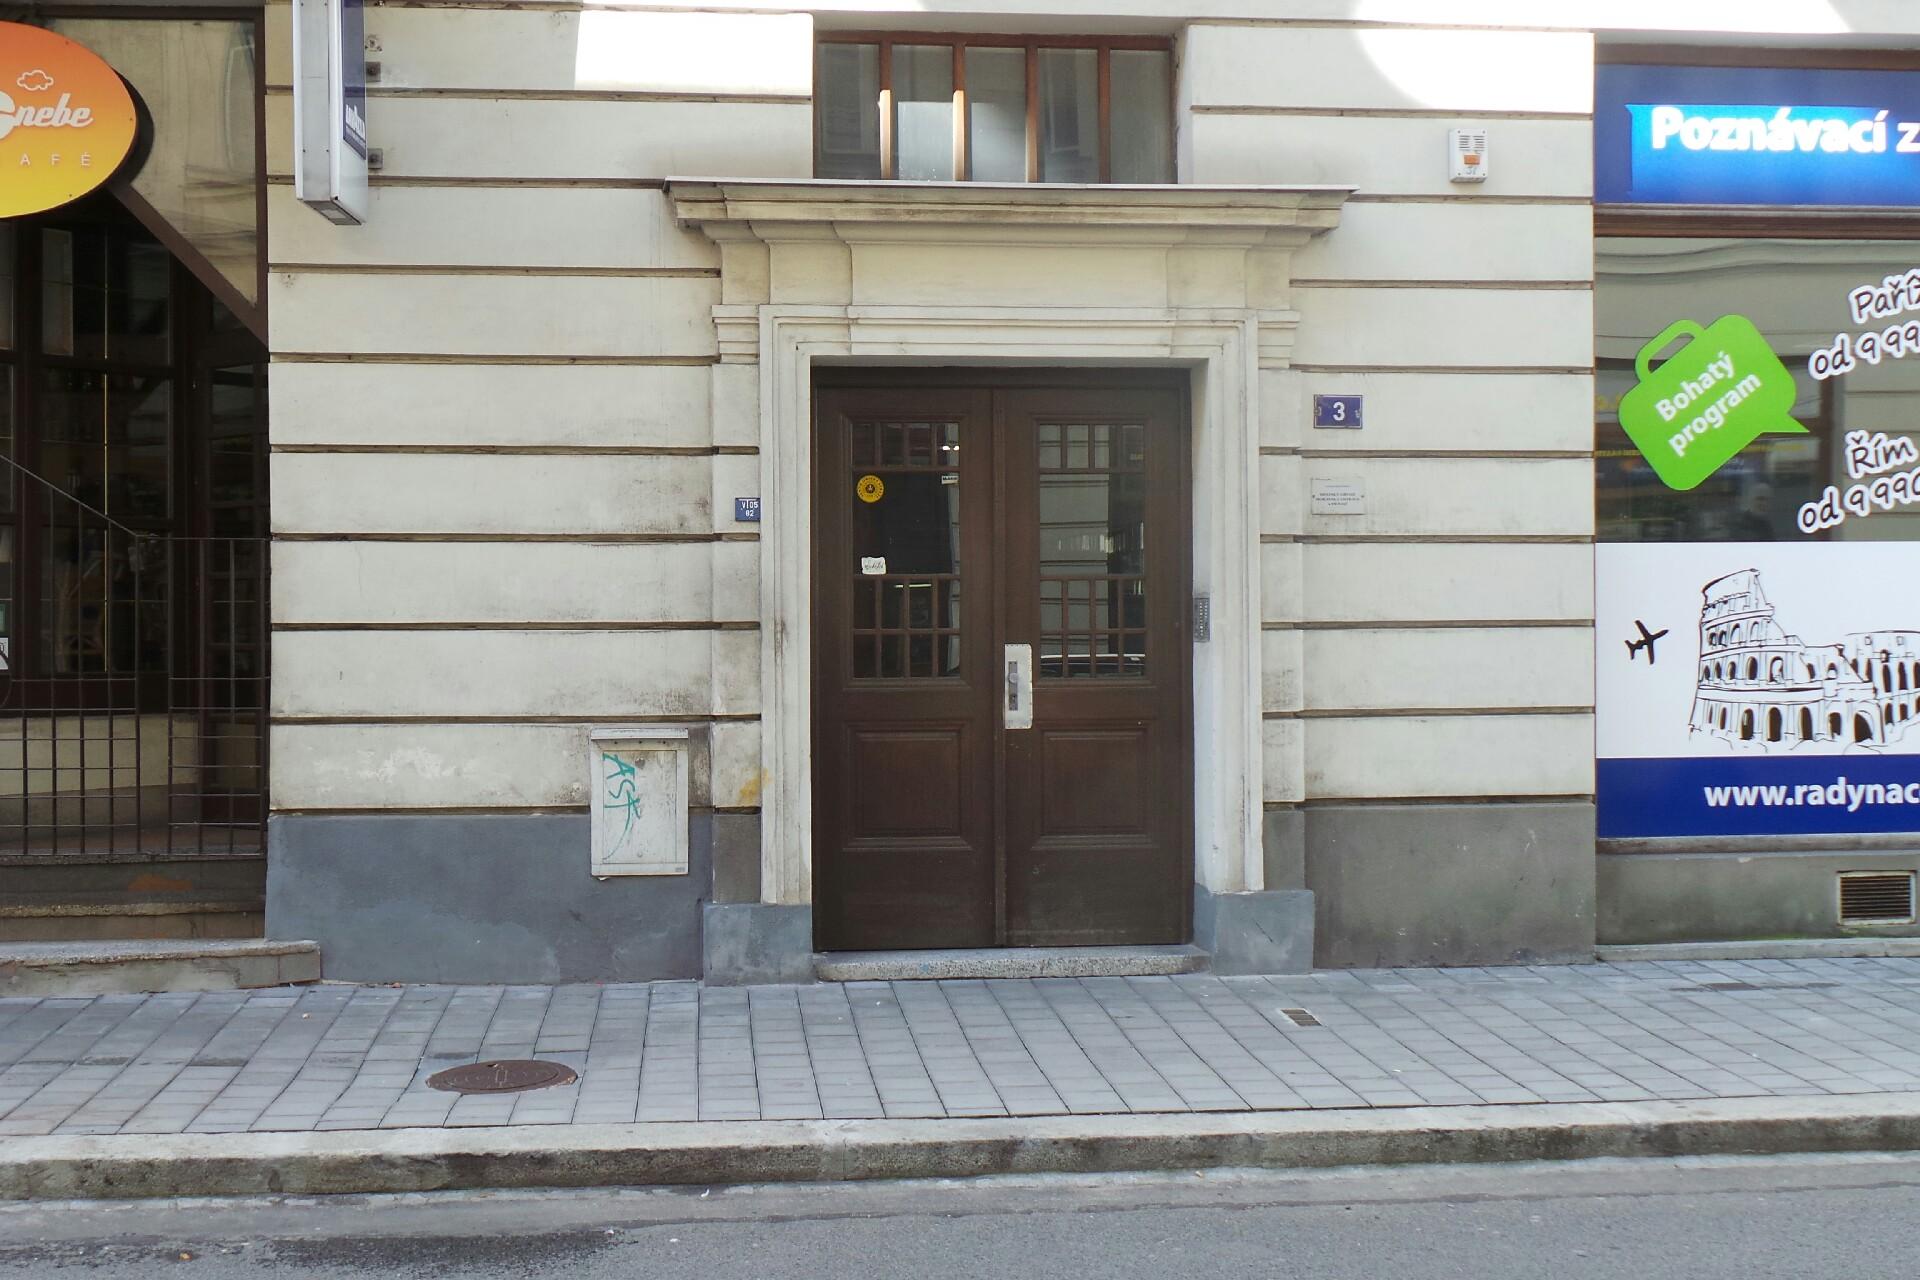 Seznamka Ostrava - Nhoda seznamovac agentura, Ostrava